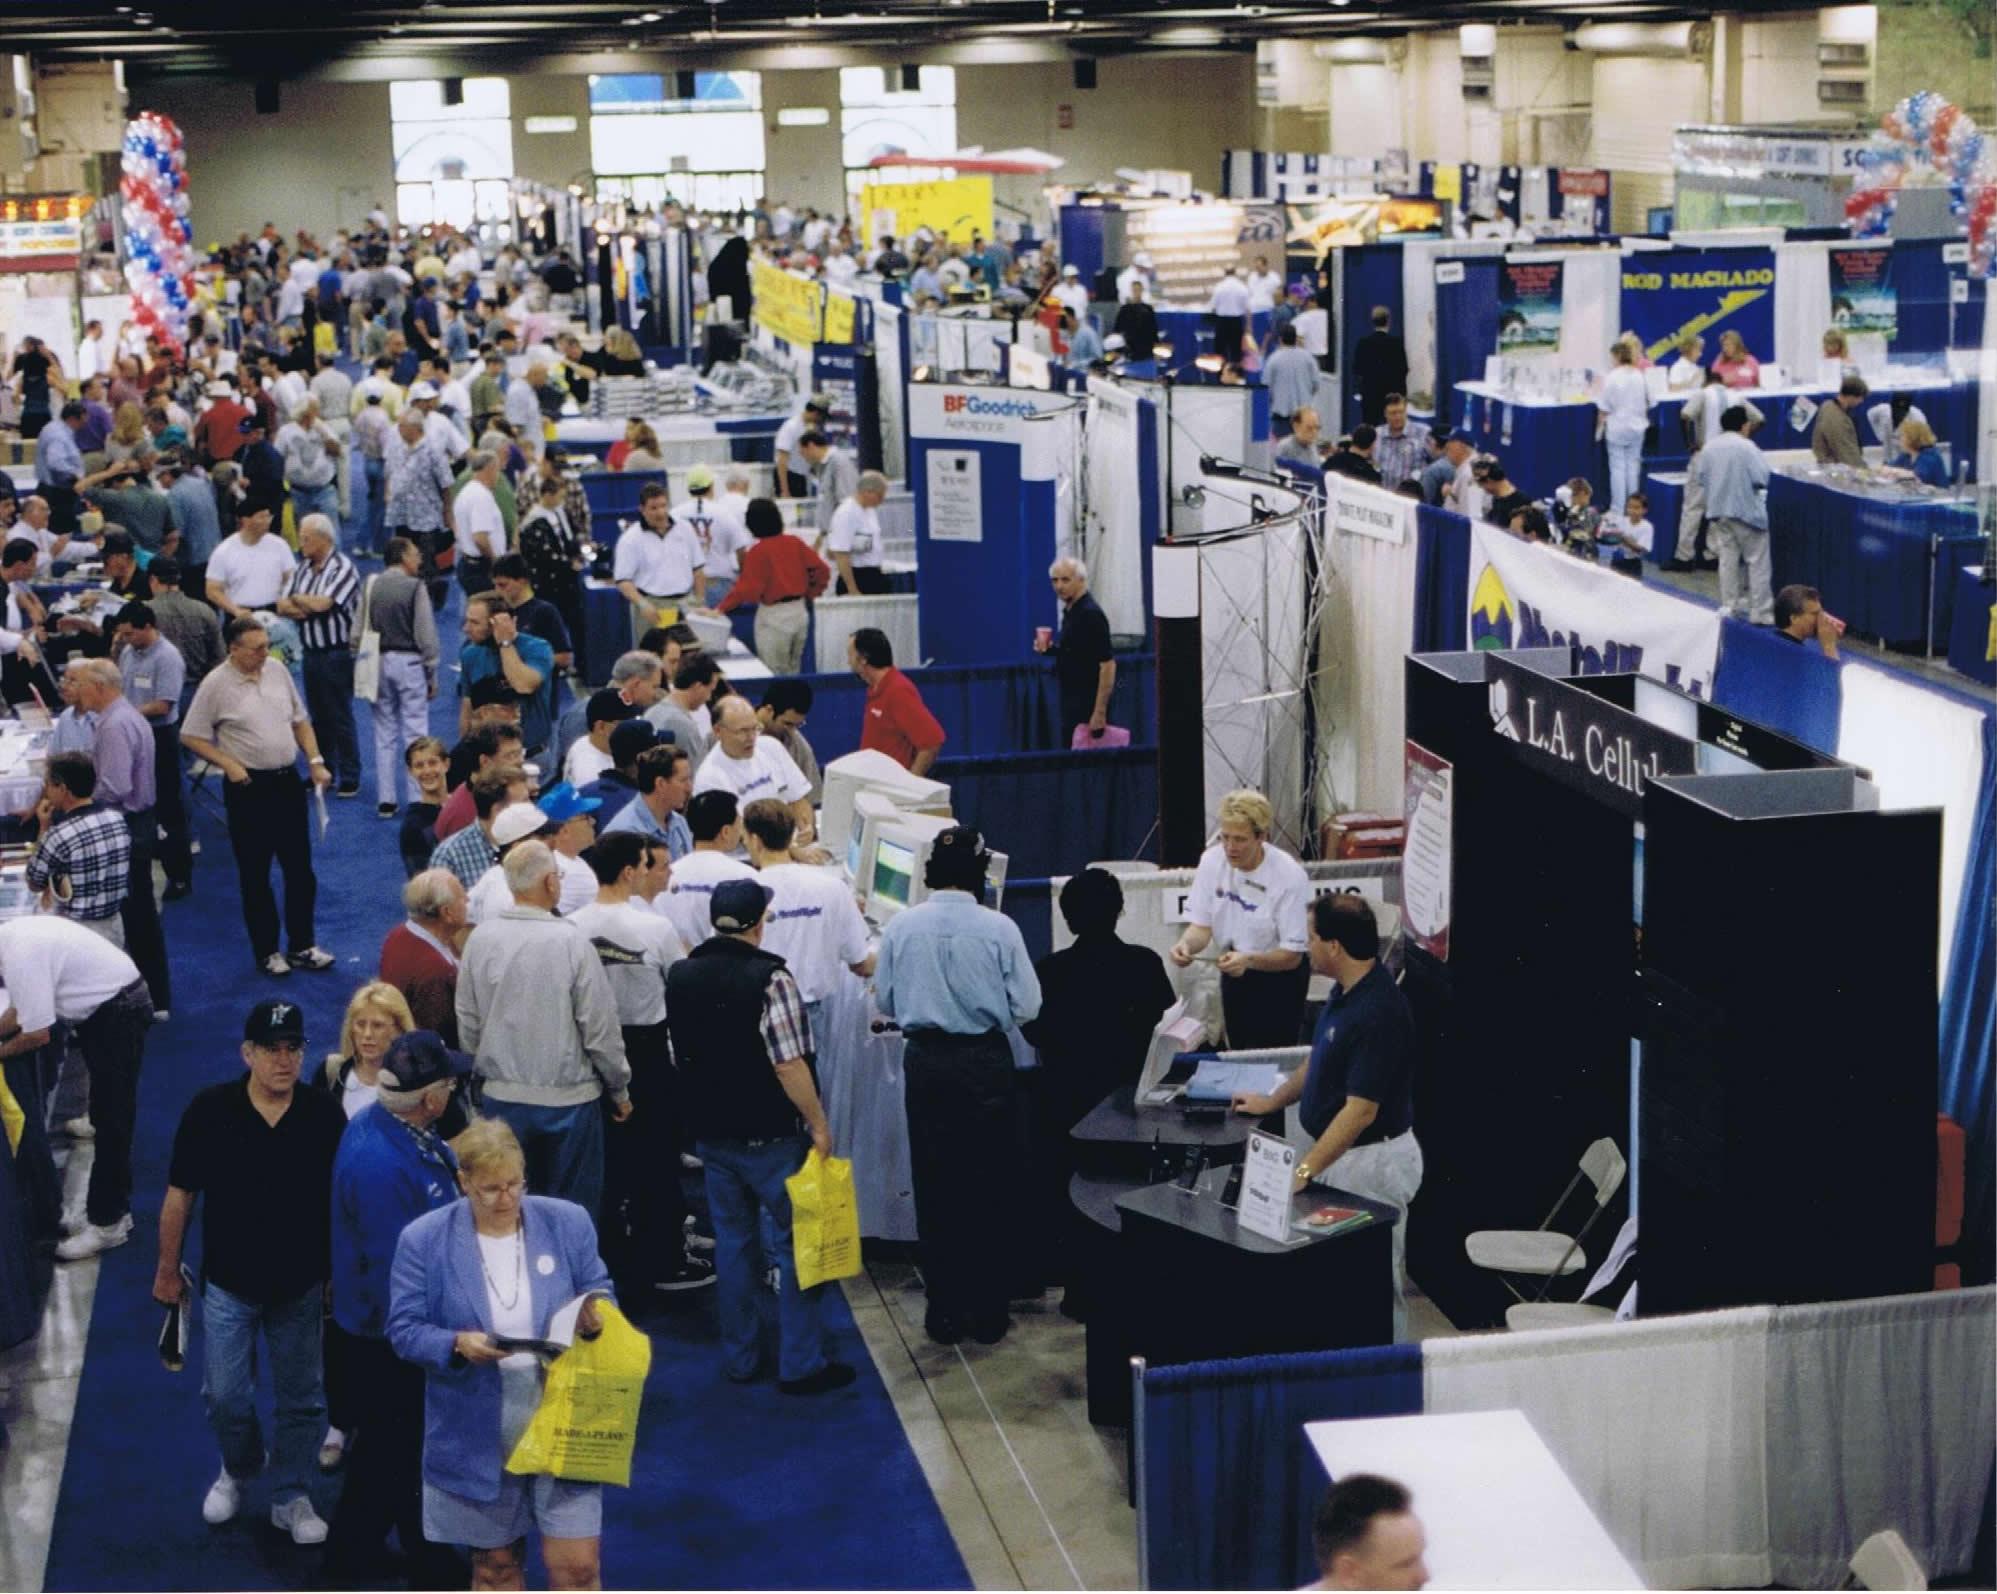 Pilot Expo Exhibit Hall 1